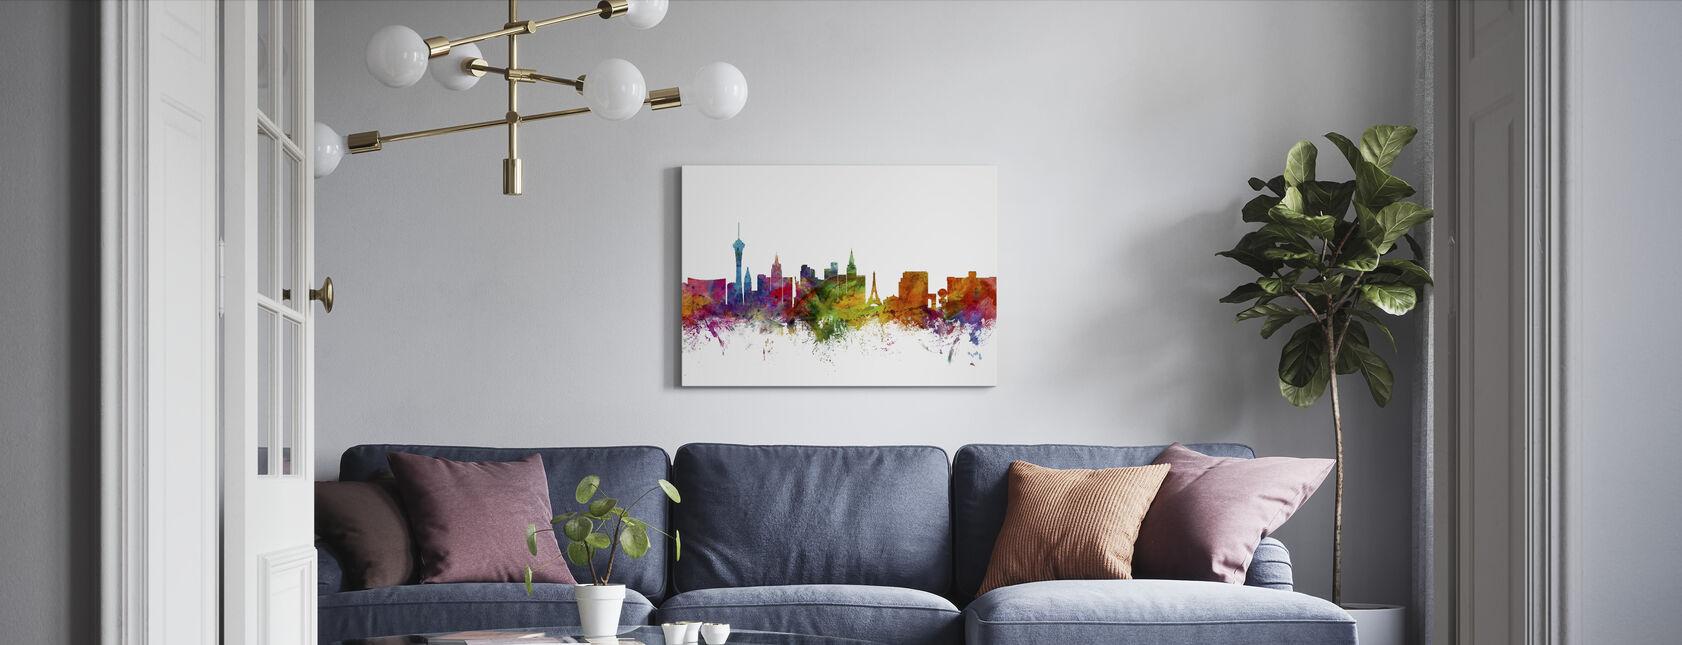 Las Vegas Skyline - Canvastavla - Vardagsrum